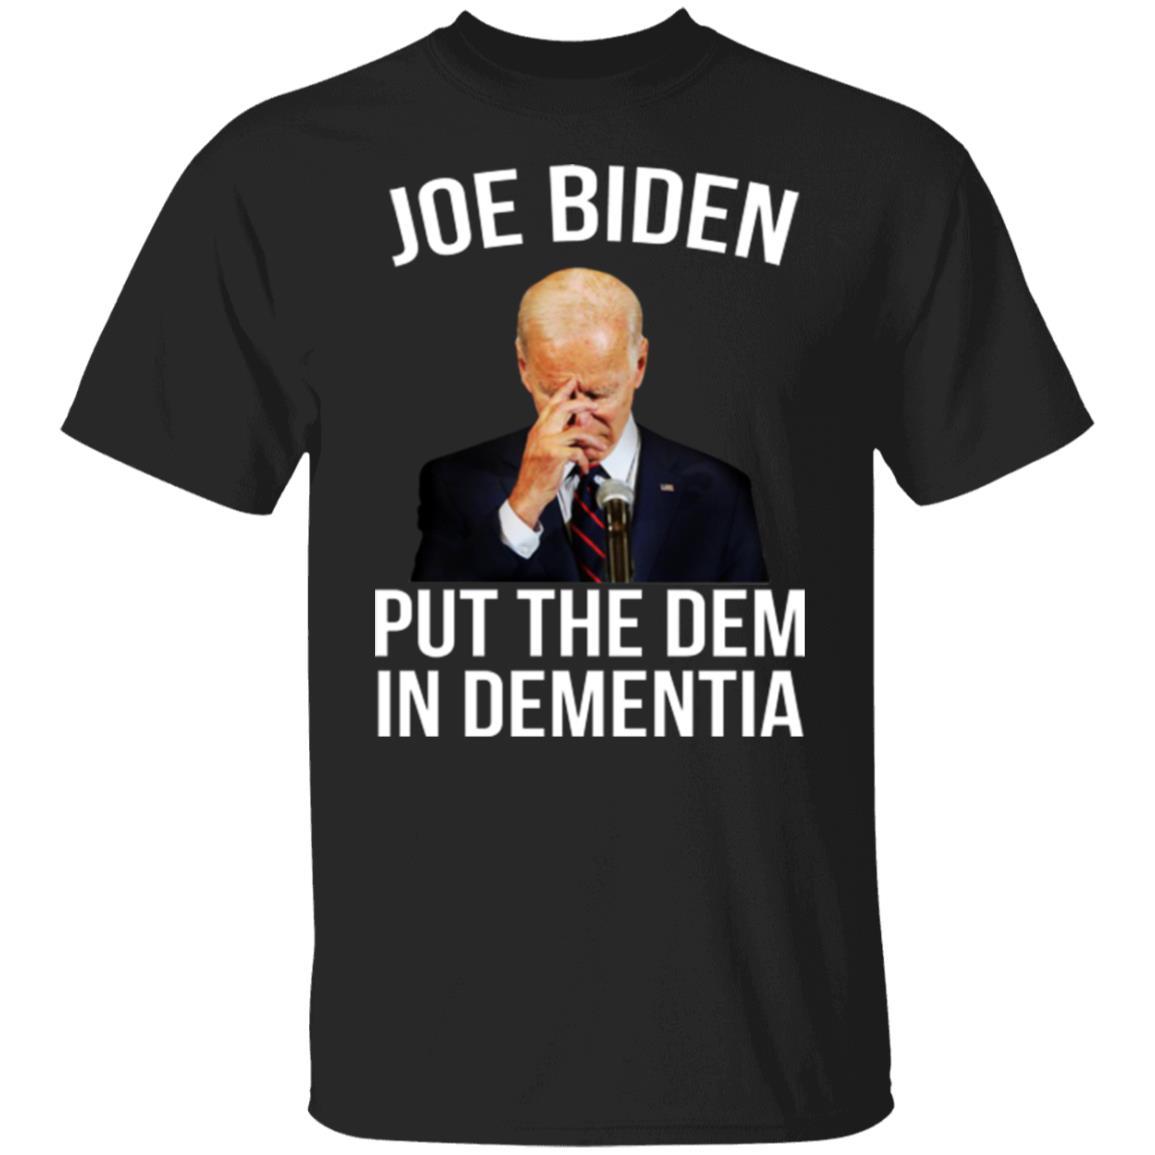 Joe Biden Put The Dem In Dementia Shirt